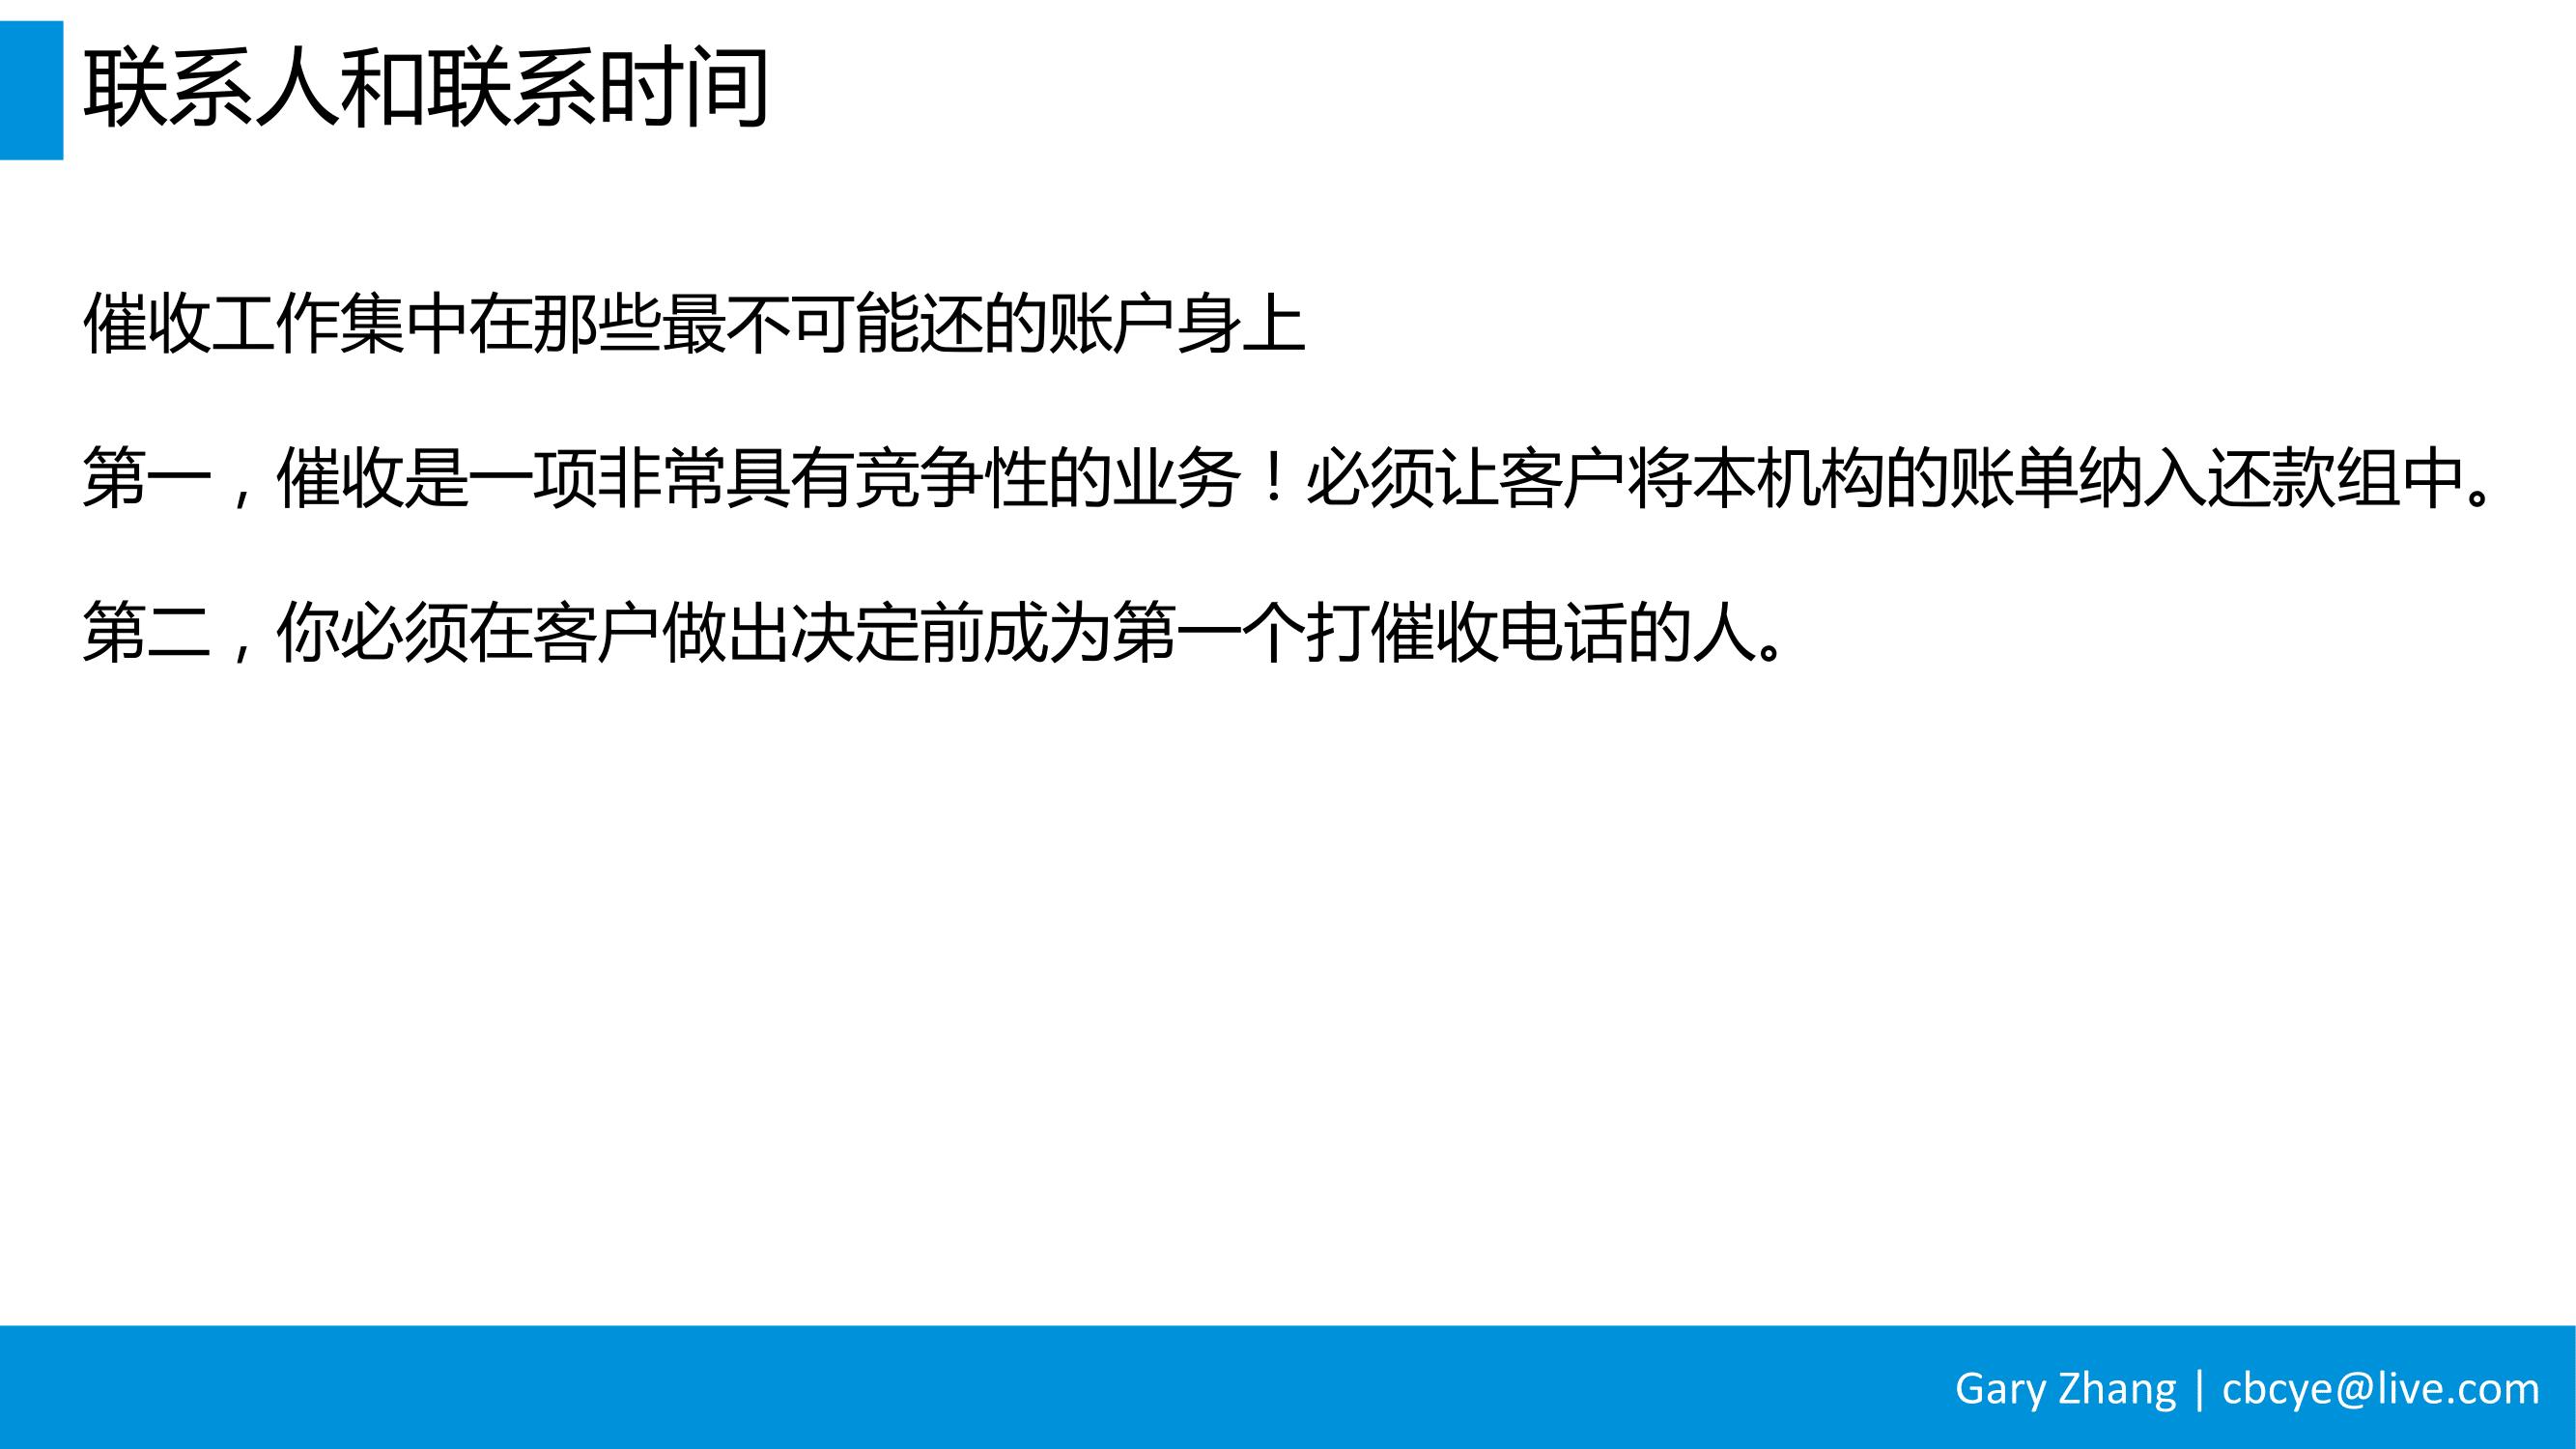 消费金融业务全流程指南_v1.0-058